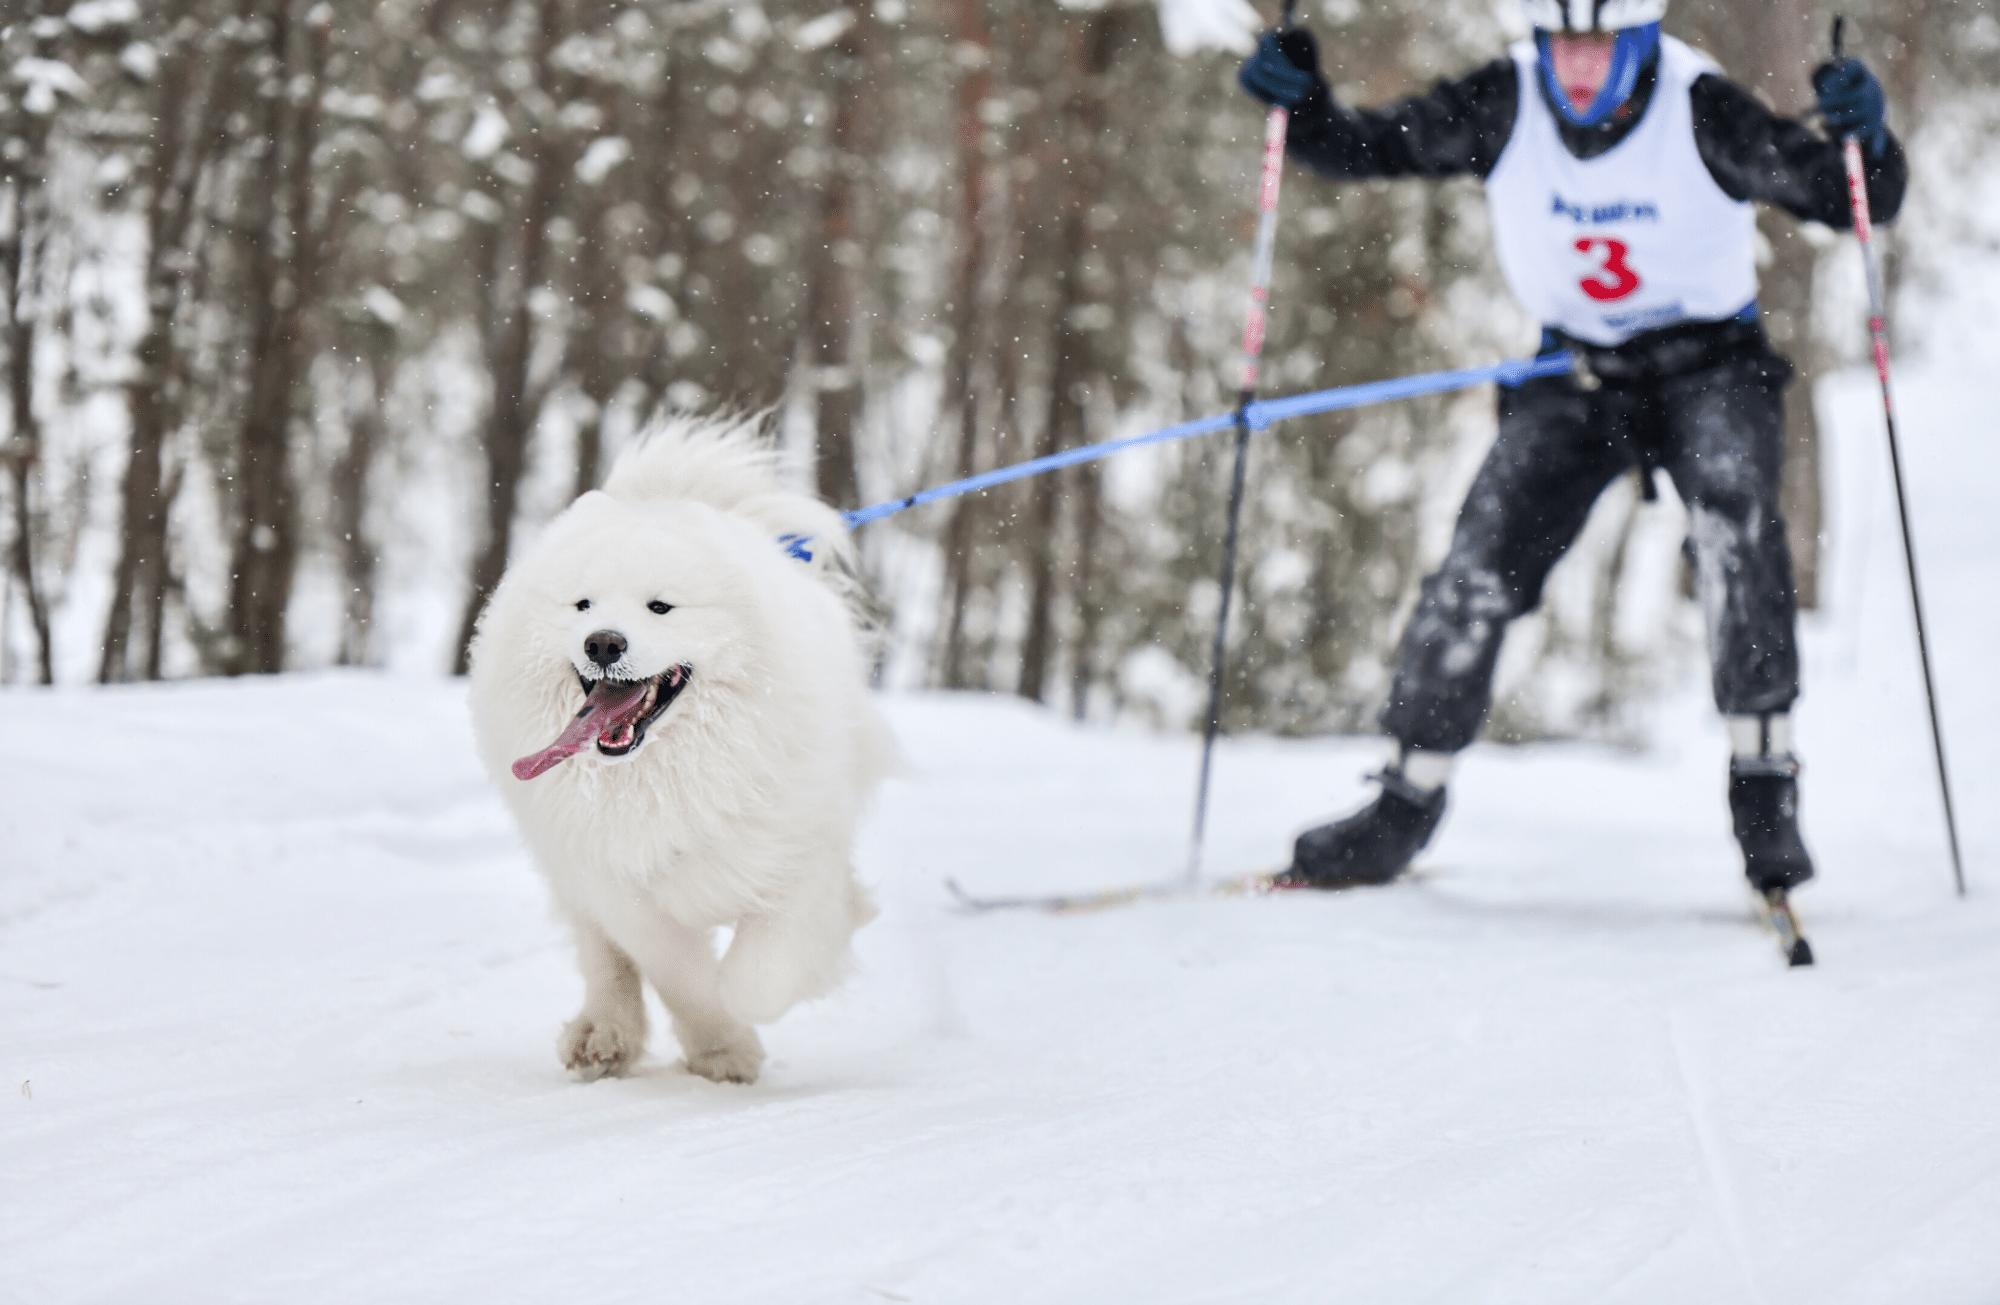 Le ski joëring, ou comment faire du ski avec son chien